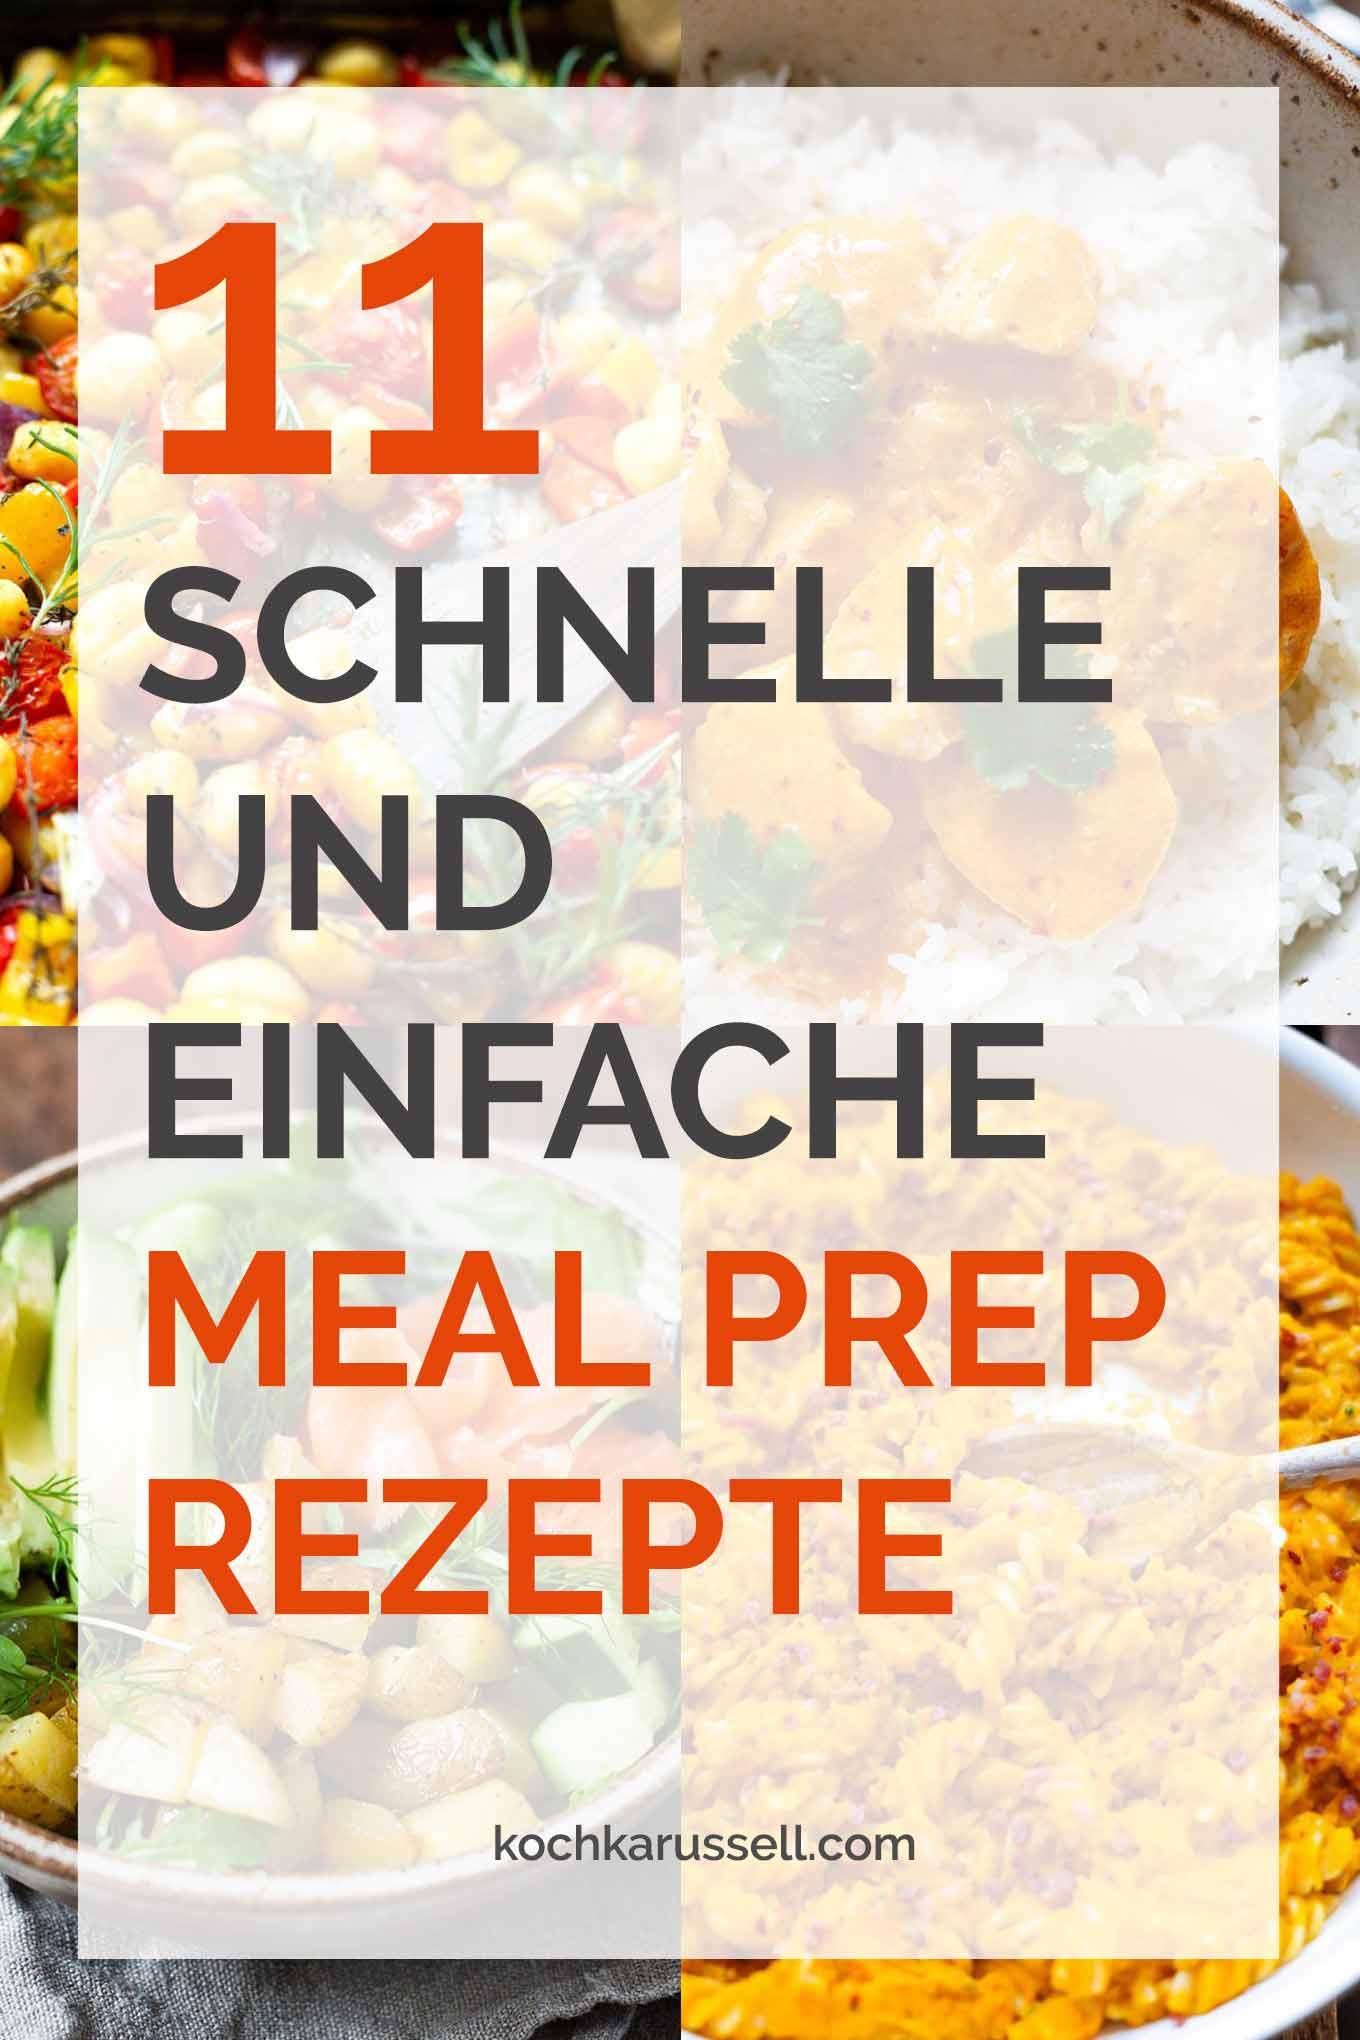 11 schnelle und einfache Meal Prep Rezepte. Gesund, abwechslungsreich und perfekt zum Vorbereiten! - Kochkarussell Foodblog #mealprep #mealpreprezepte #vorkochen